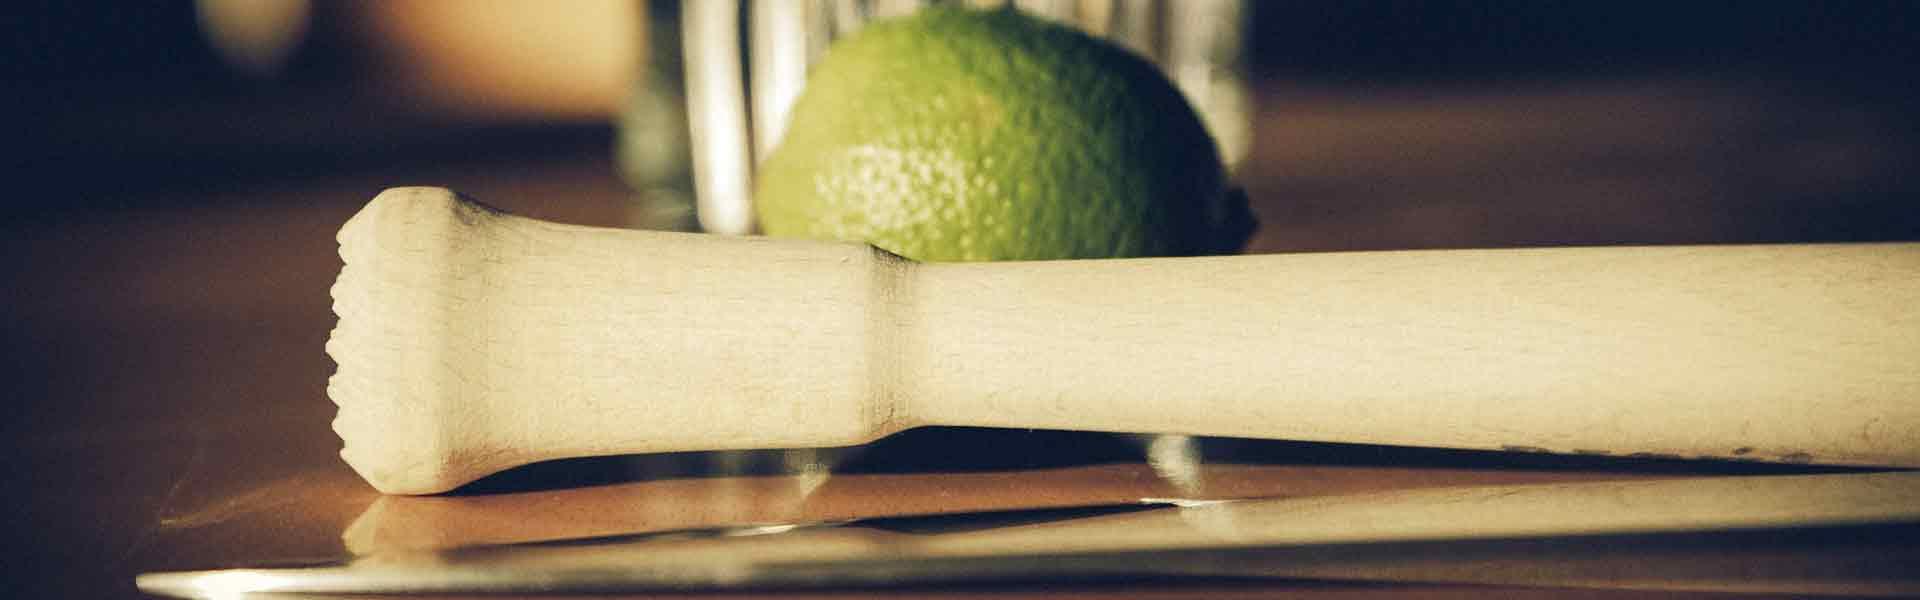 Bild einer Caipirinha mit einem Stößel im Vordergrund